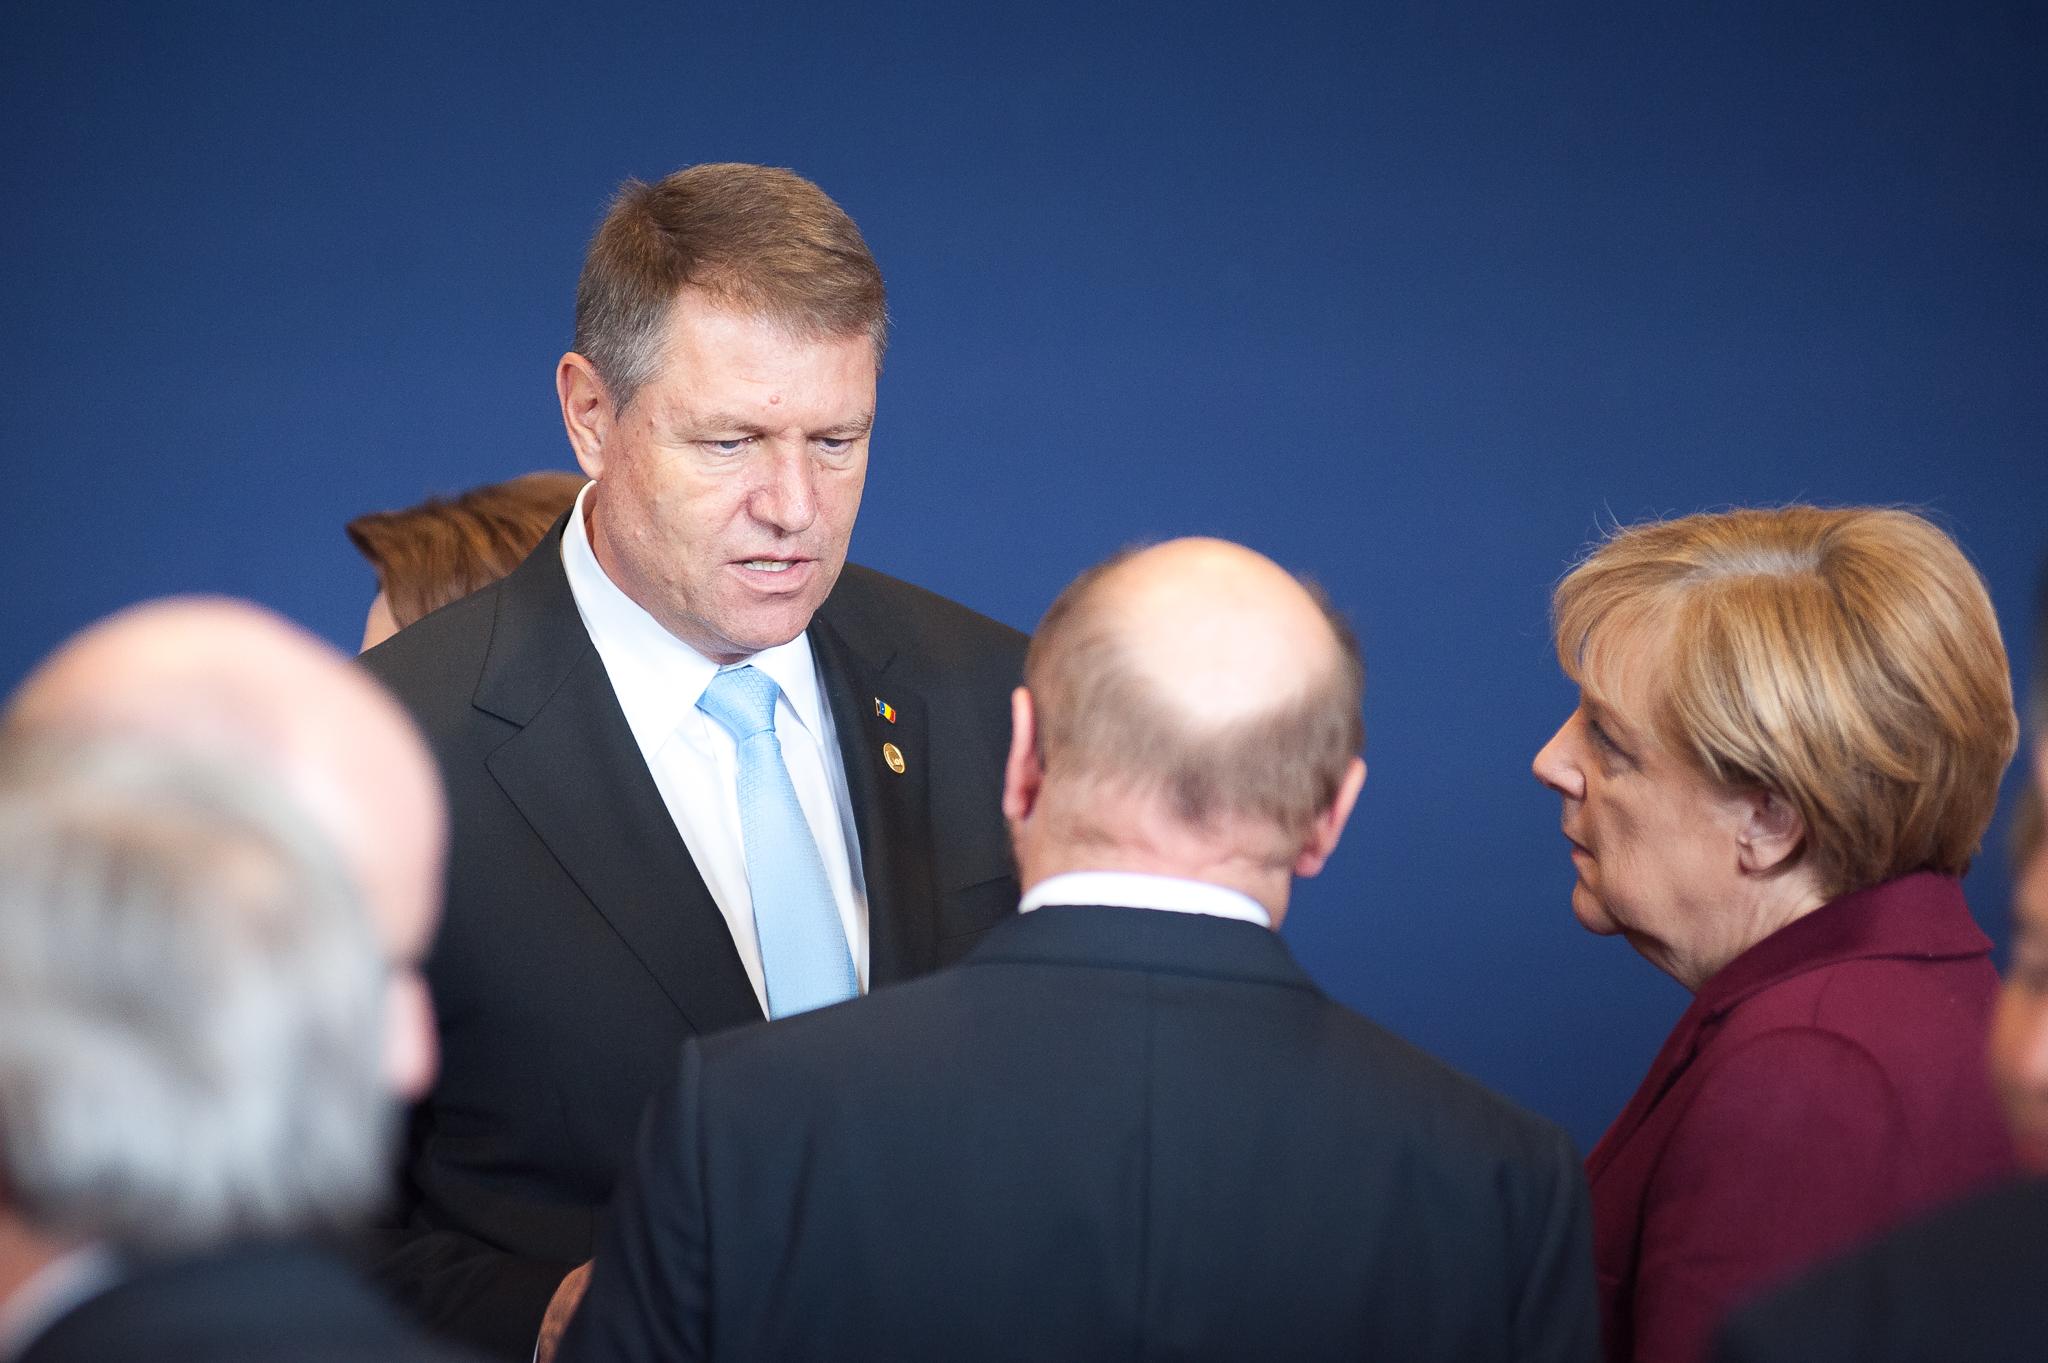 Iohannis, alaturi de Juncker si Merkel la Consiliul European. Mesajul presedintelui despre aderarea Romaniei la Schengen